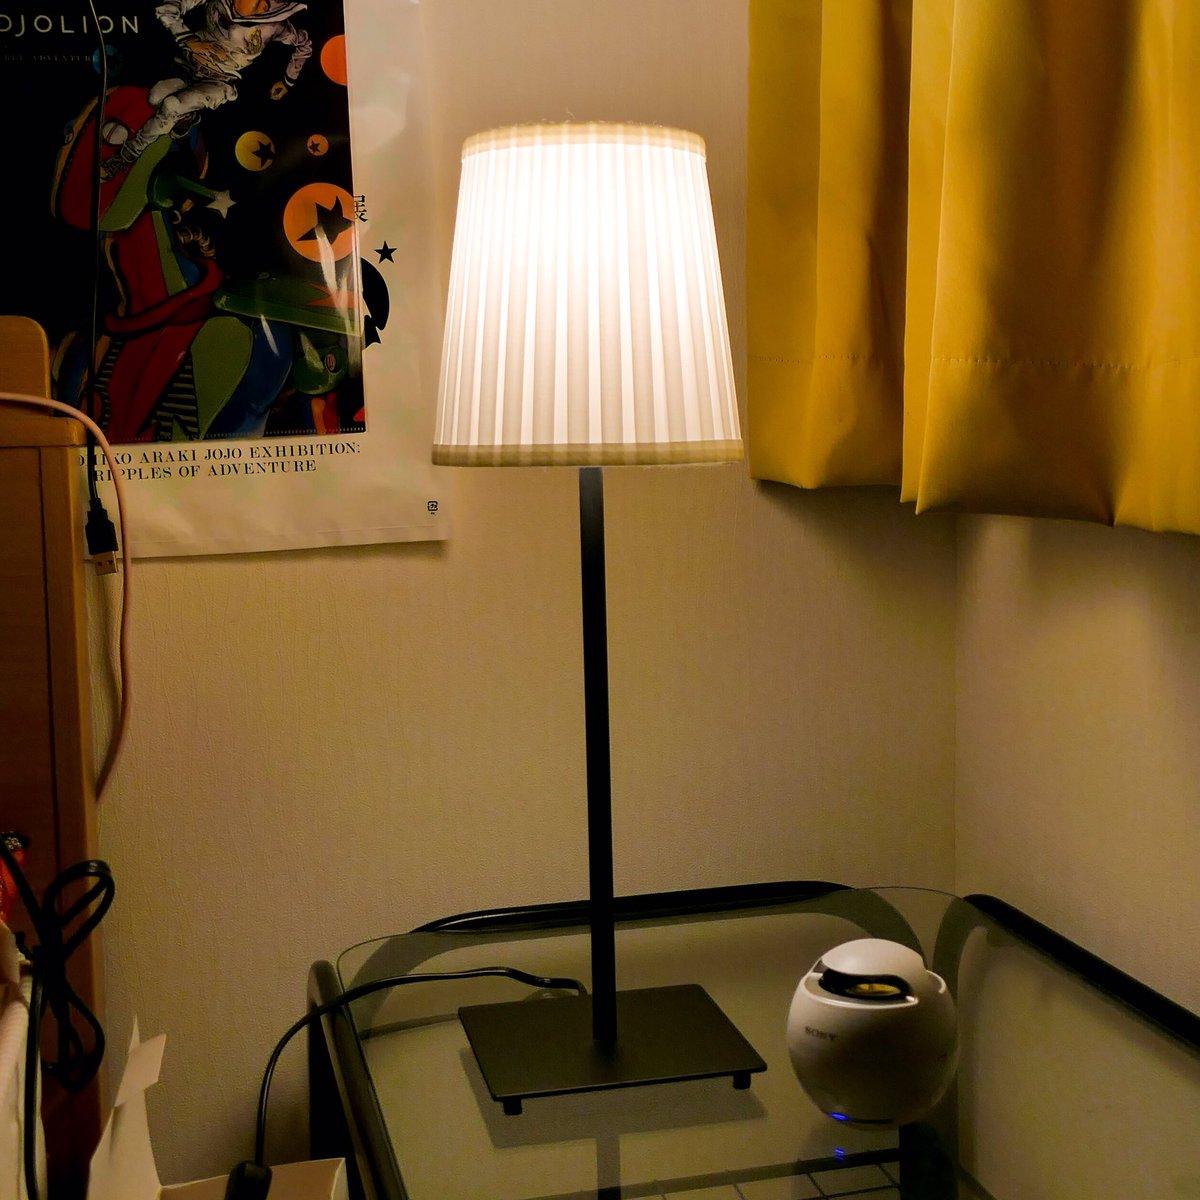 なんということでしょう。IKEAのスタンドライトに乗っけるだけで、恐怖を感じない…むしろ温かくて…安心を感じる間接照明に。